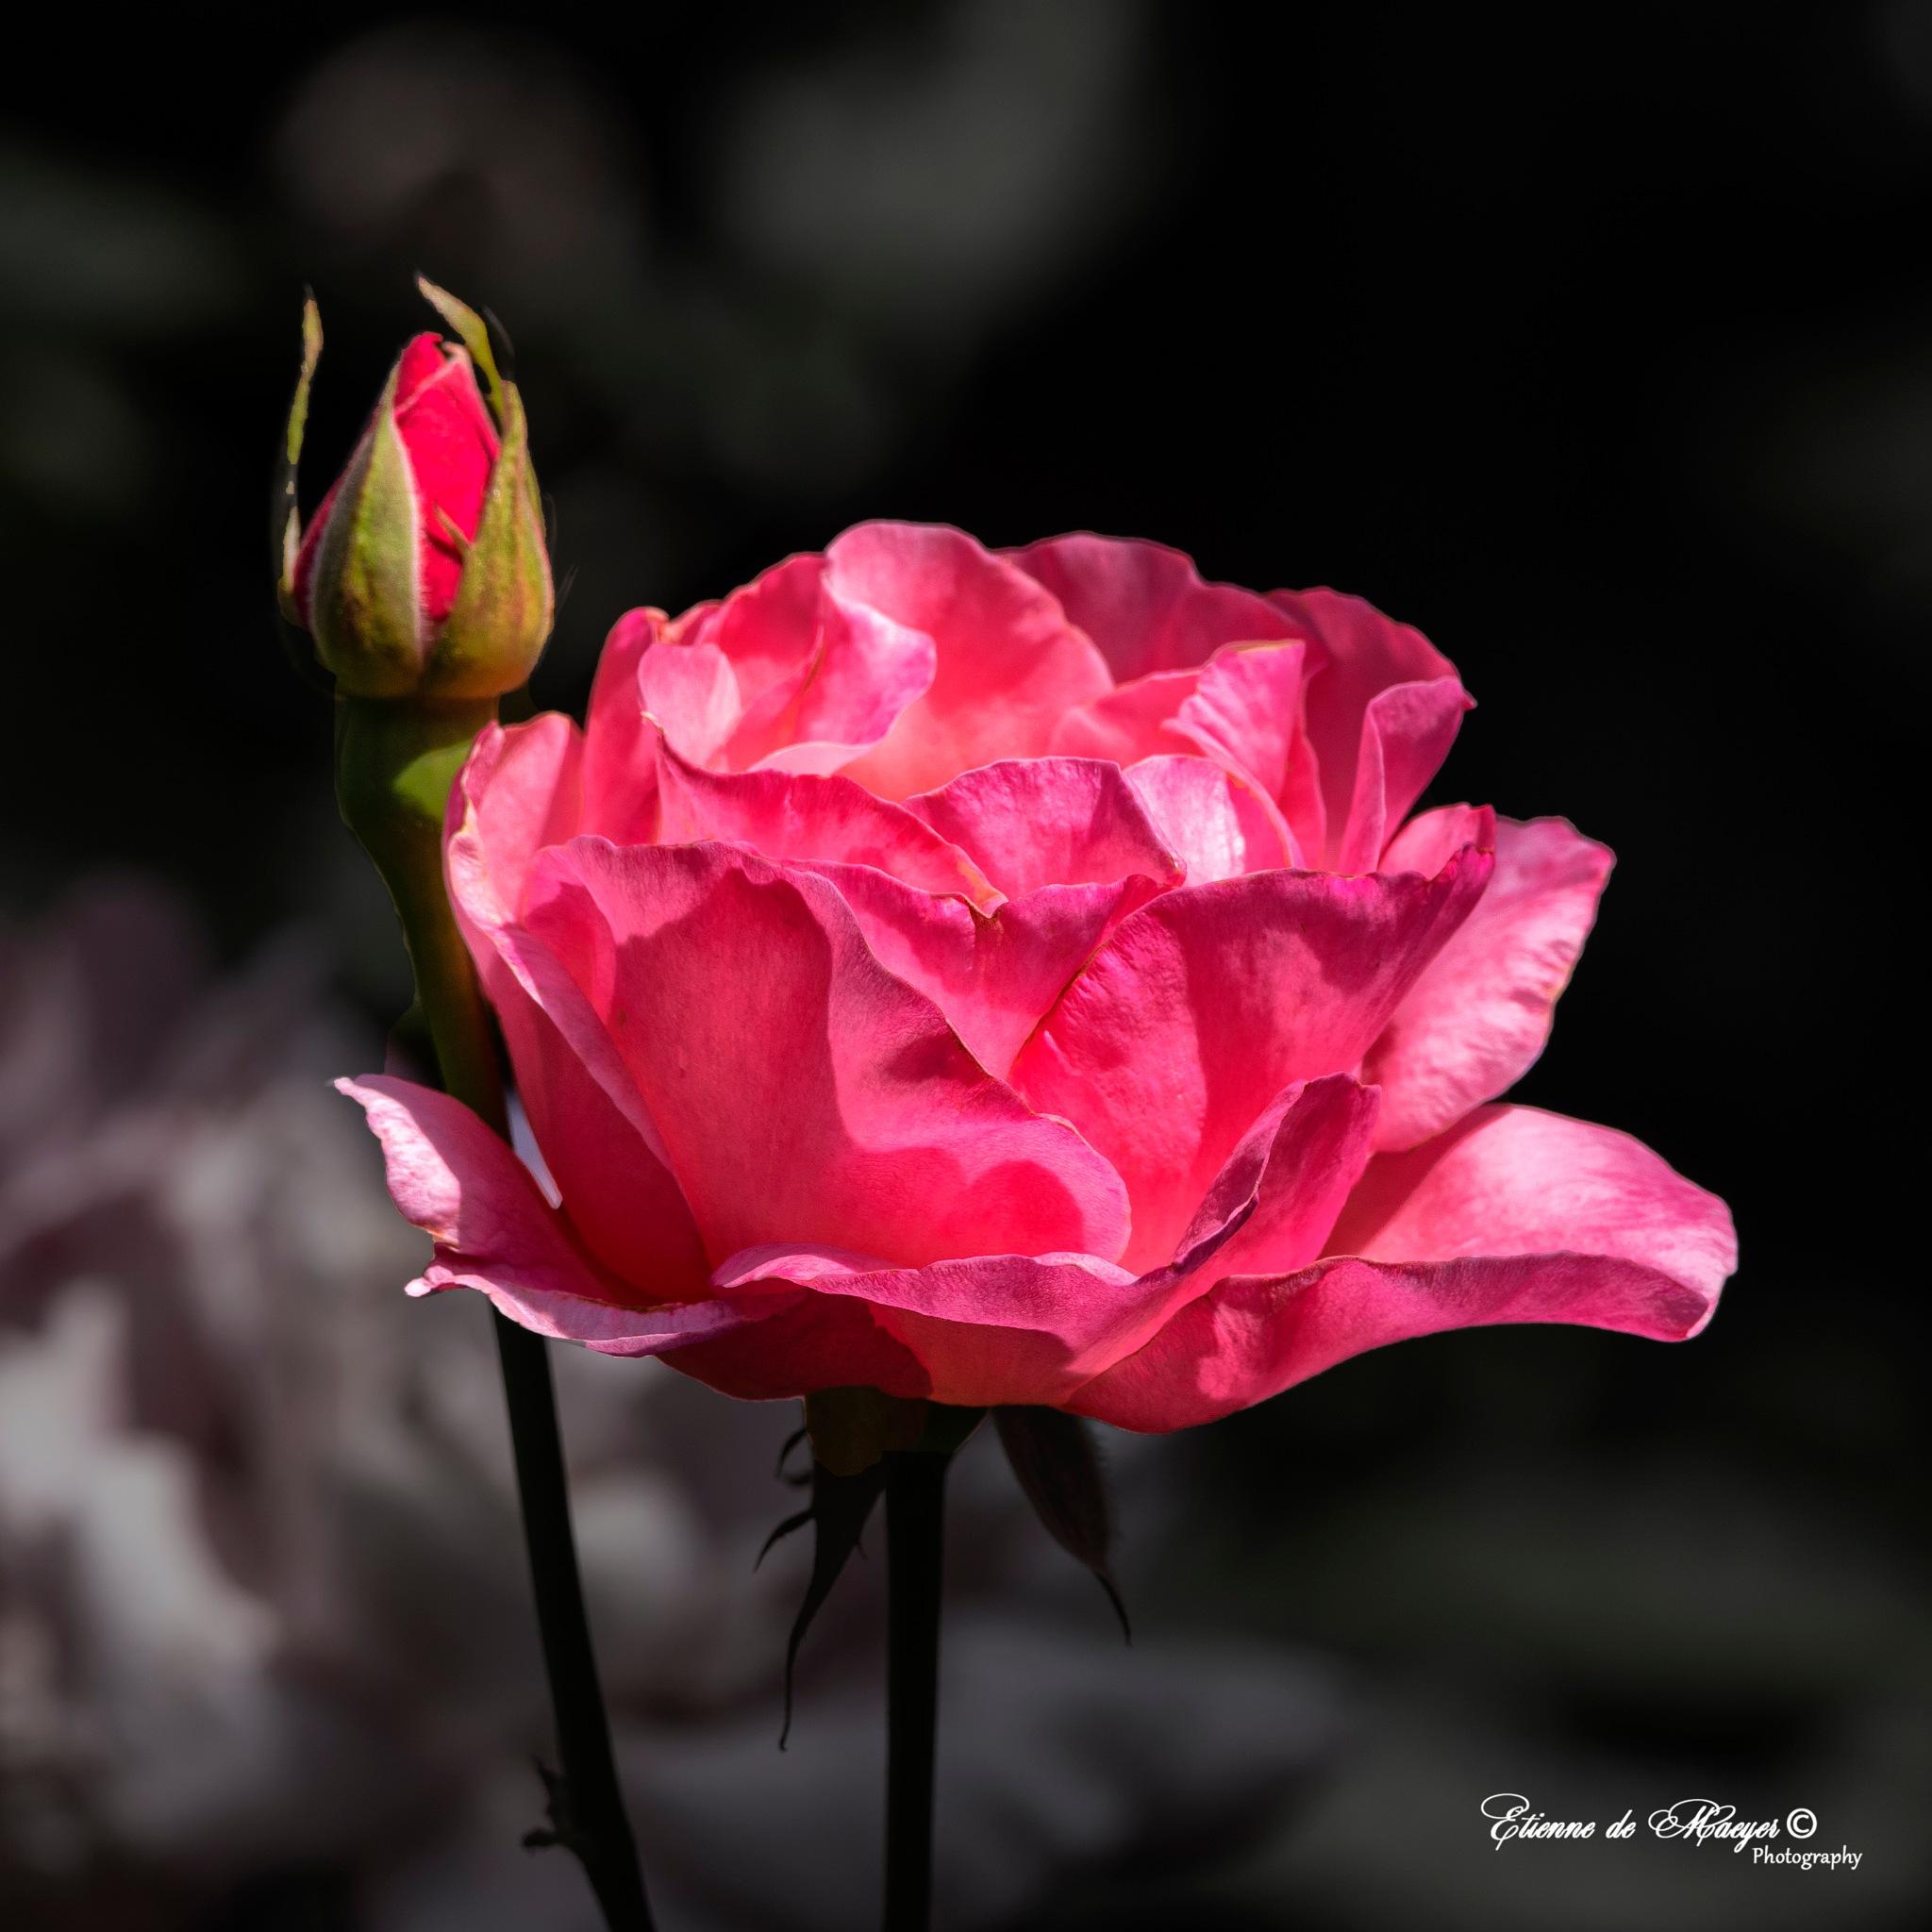 Rose by Etienne de Maeyer